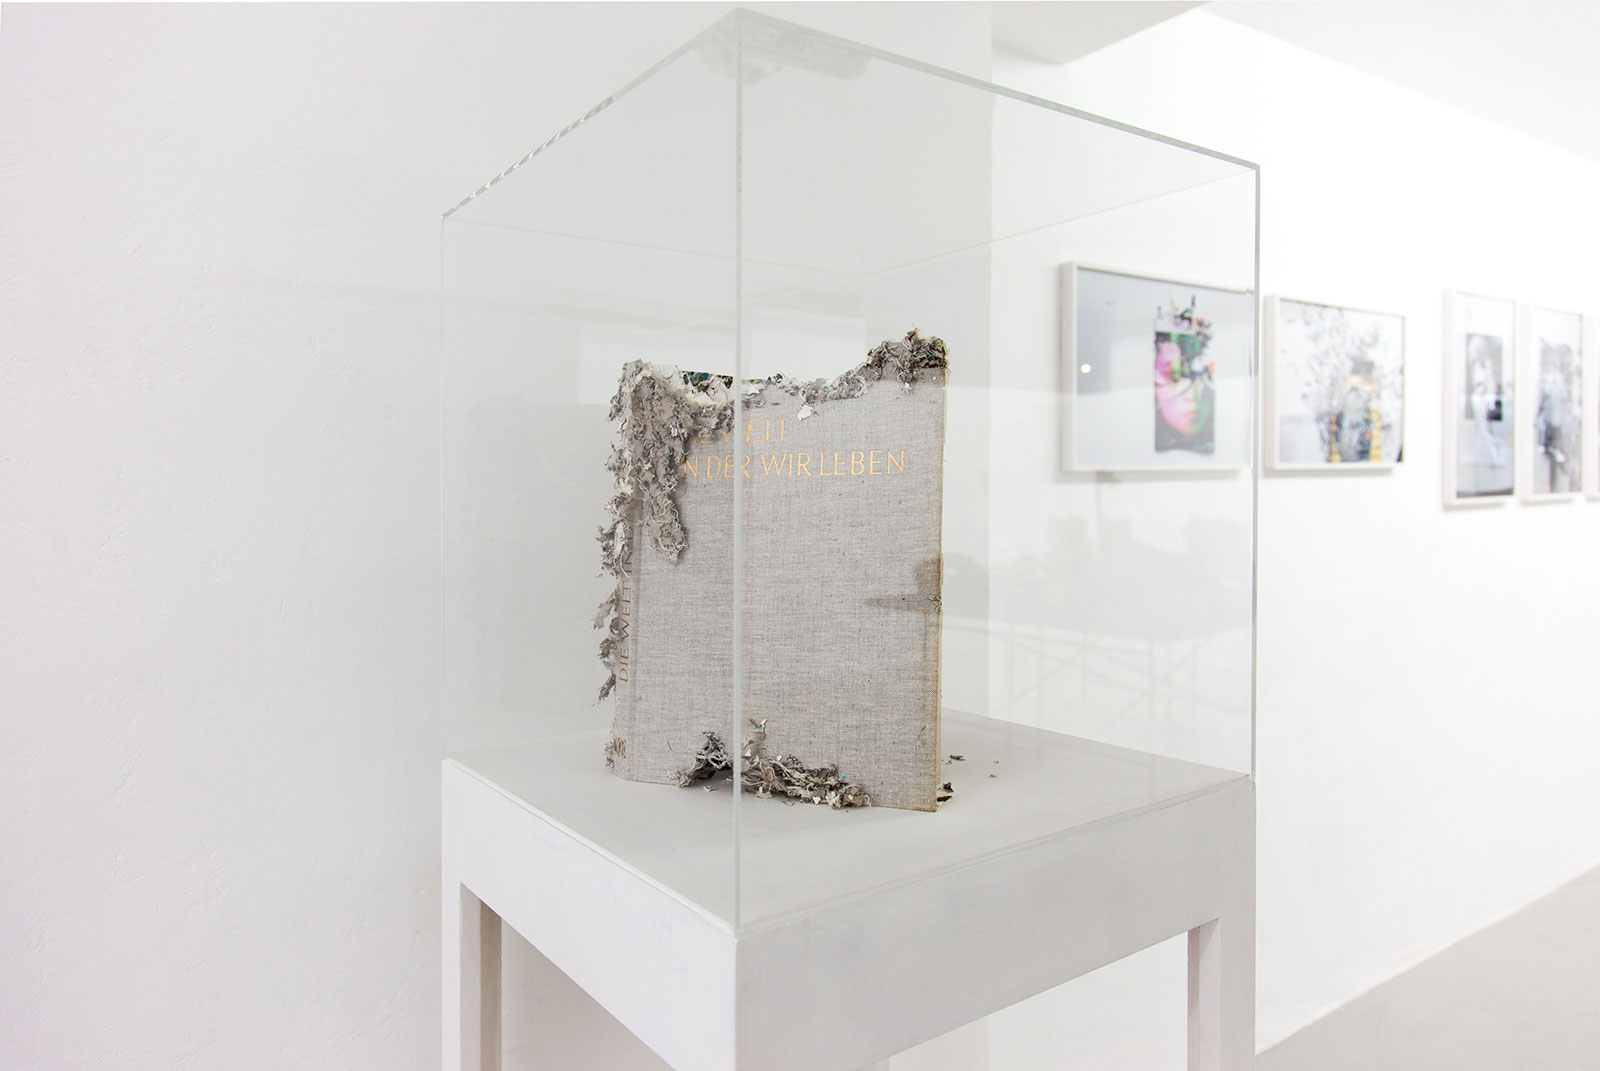 Installation view: THE WORLD WE LIVE IN, kjubh Kunstverein, Köln